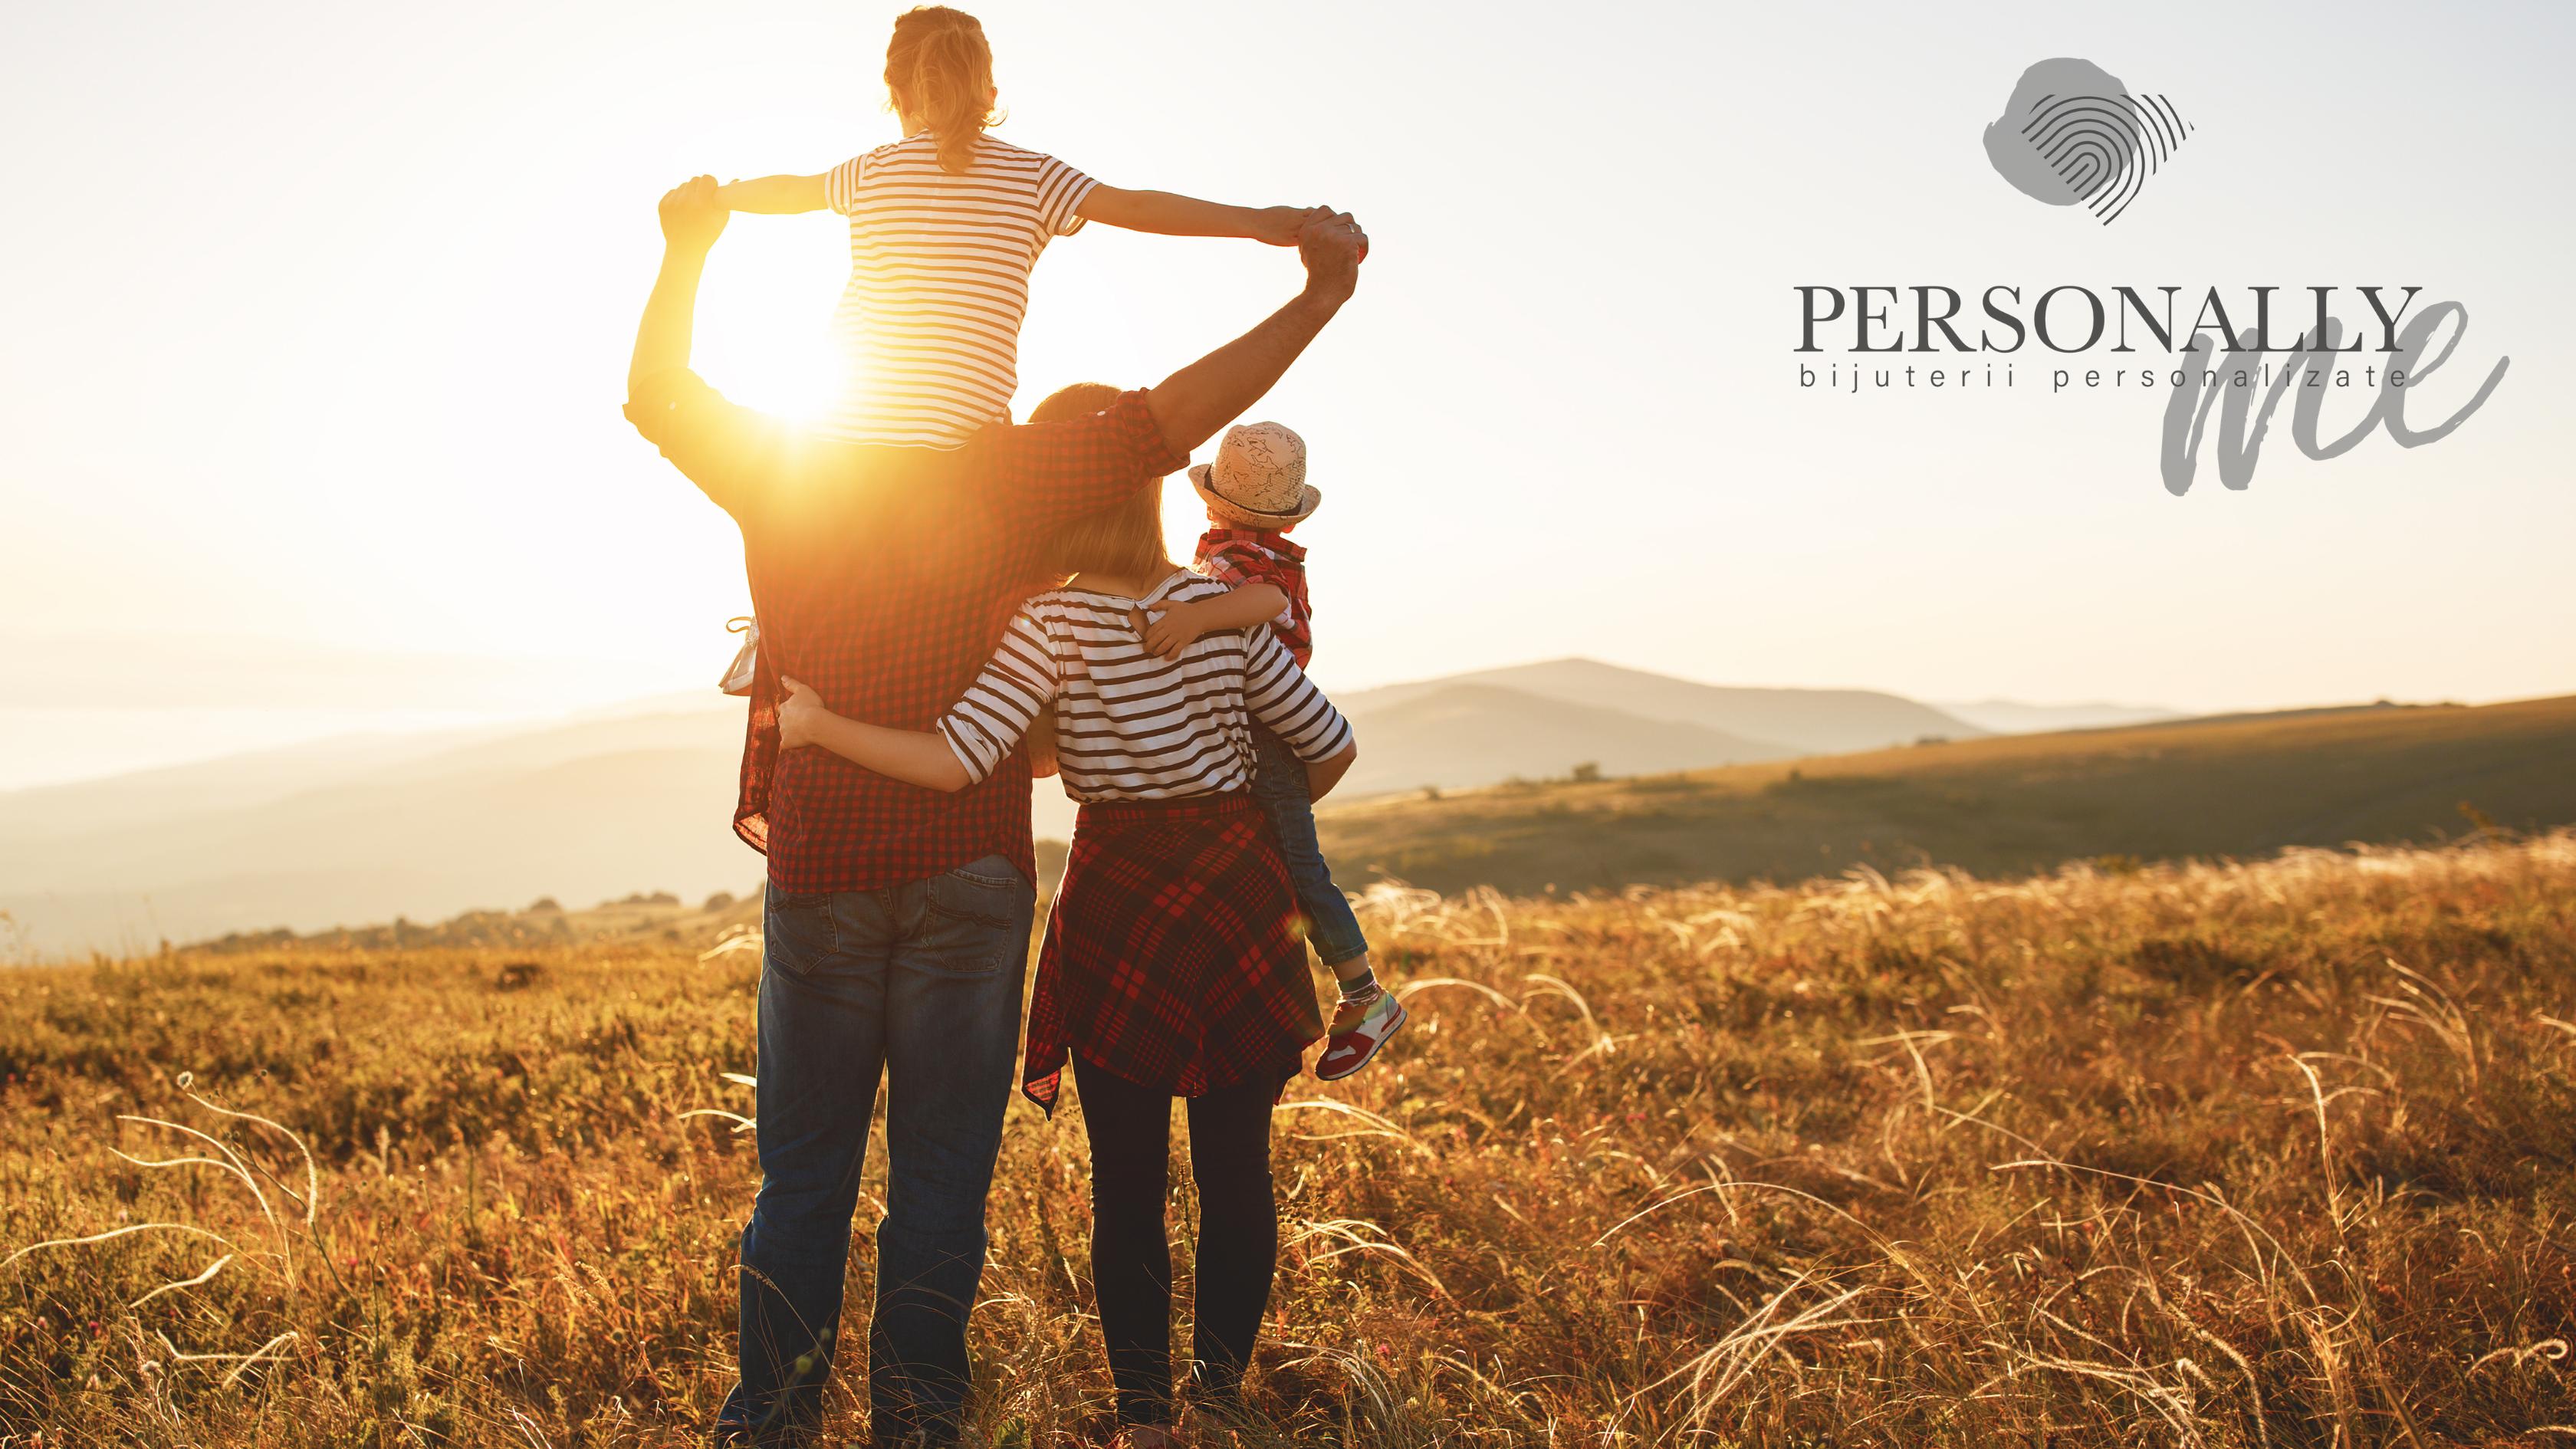 Ziua Internațională a Familiei - Ce cadouri personalizate le poți face celor dragi